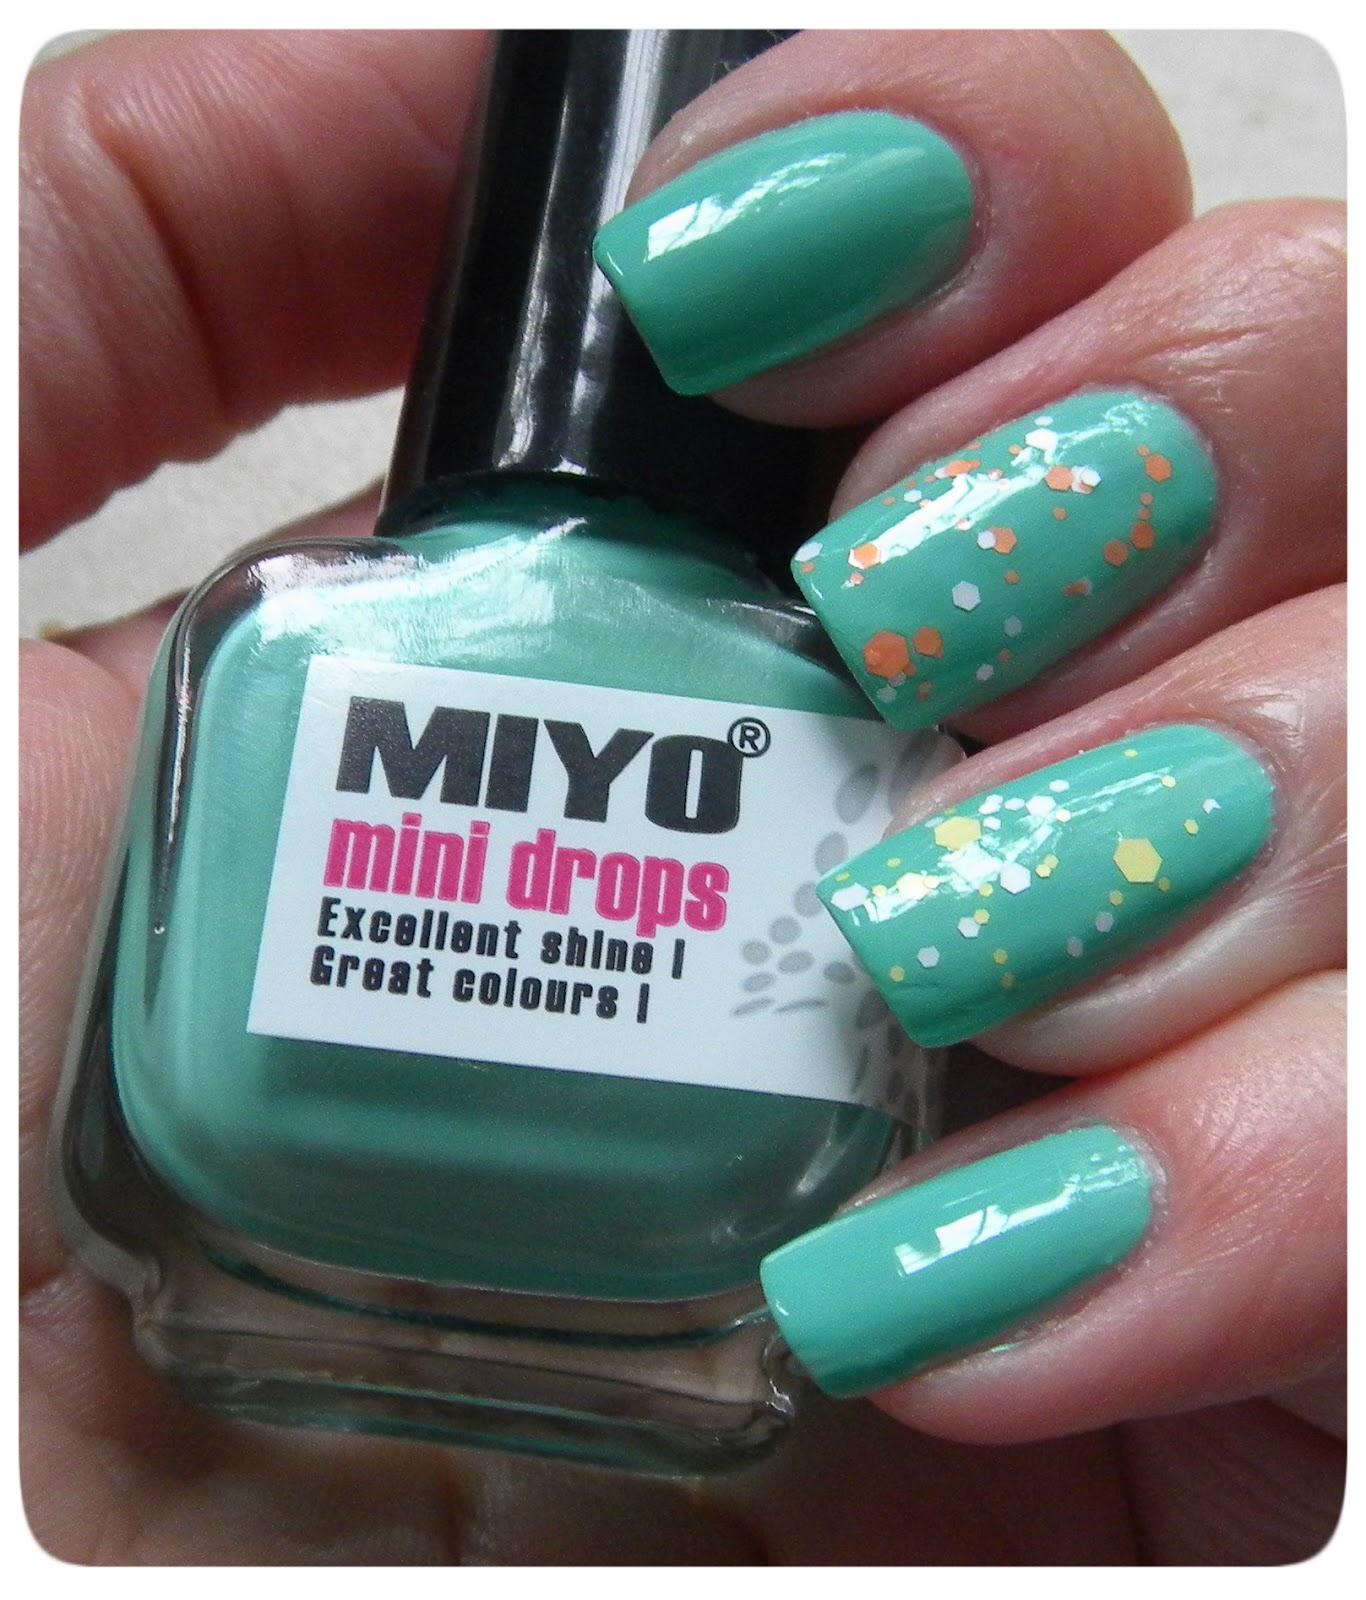 Poniedziałki z Miyo Mini Drops 156 Mintcream i Life 13 i 15